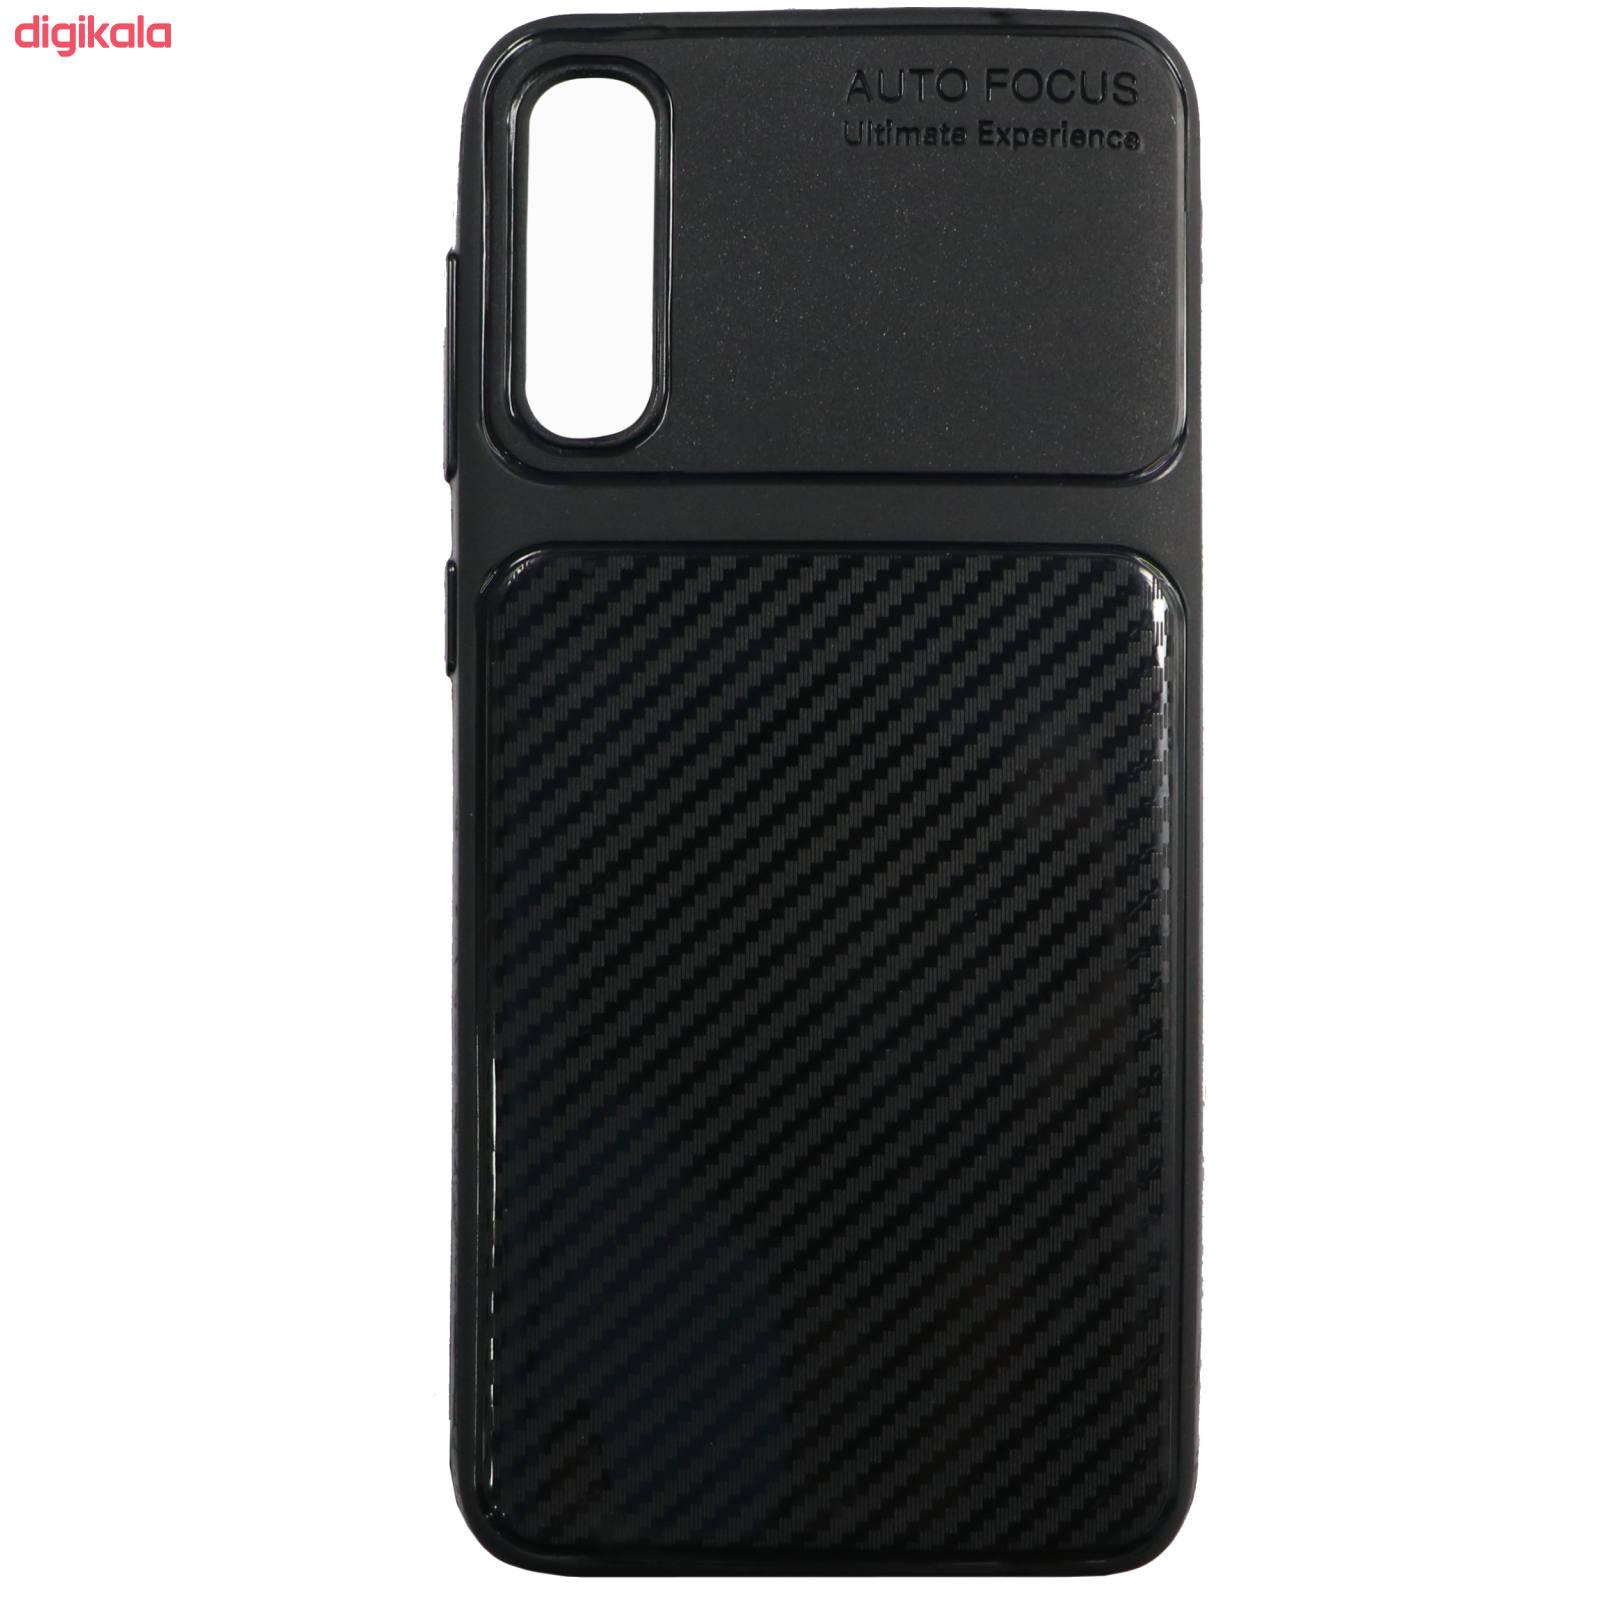 کاور مدل A2 مناسب برای گوشی موبایل سامسونگ Galaxy A50/A30S/A50S main 1 2